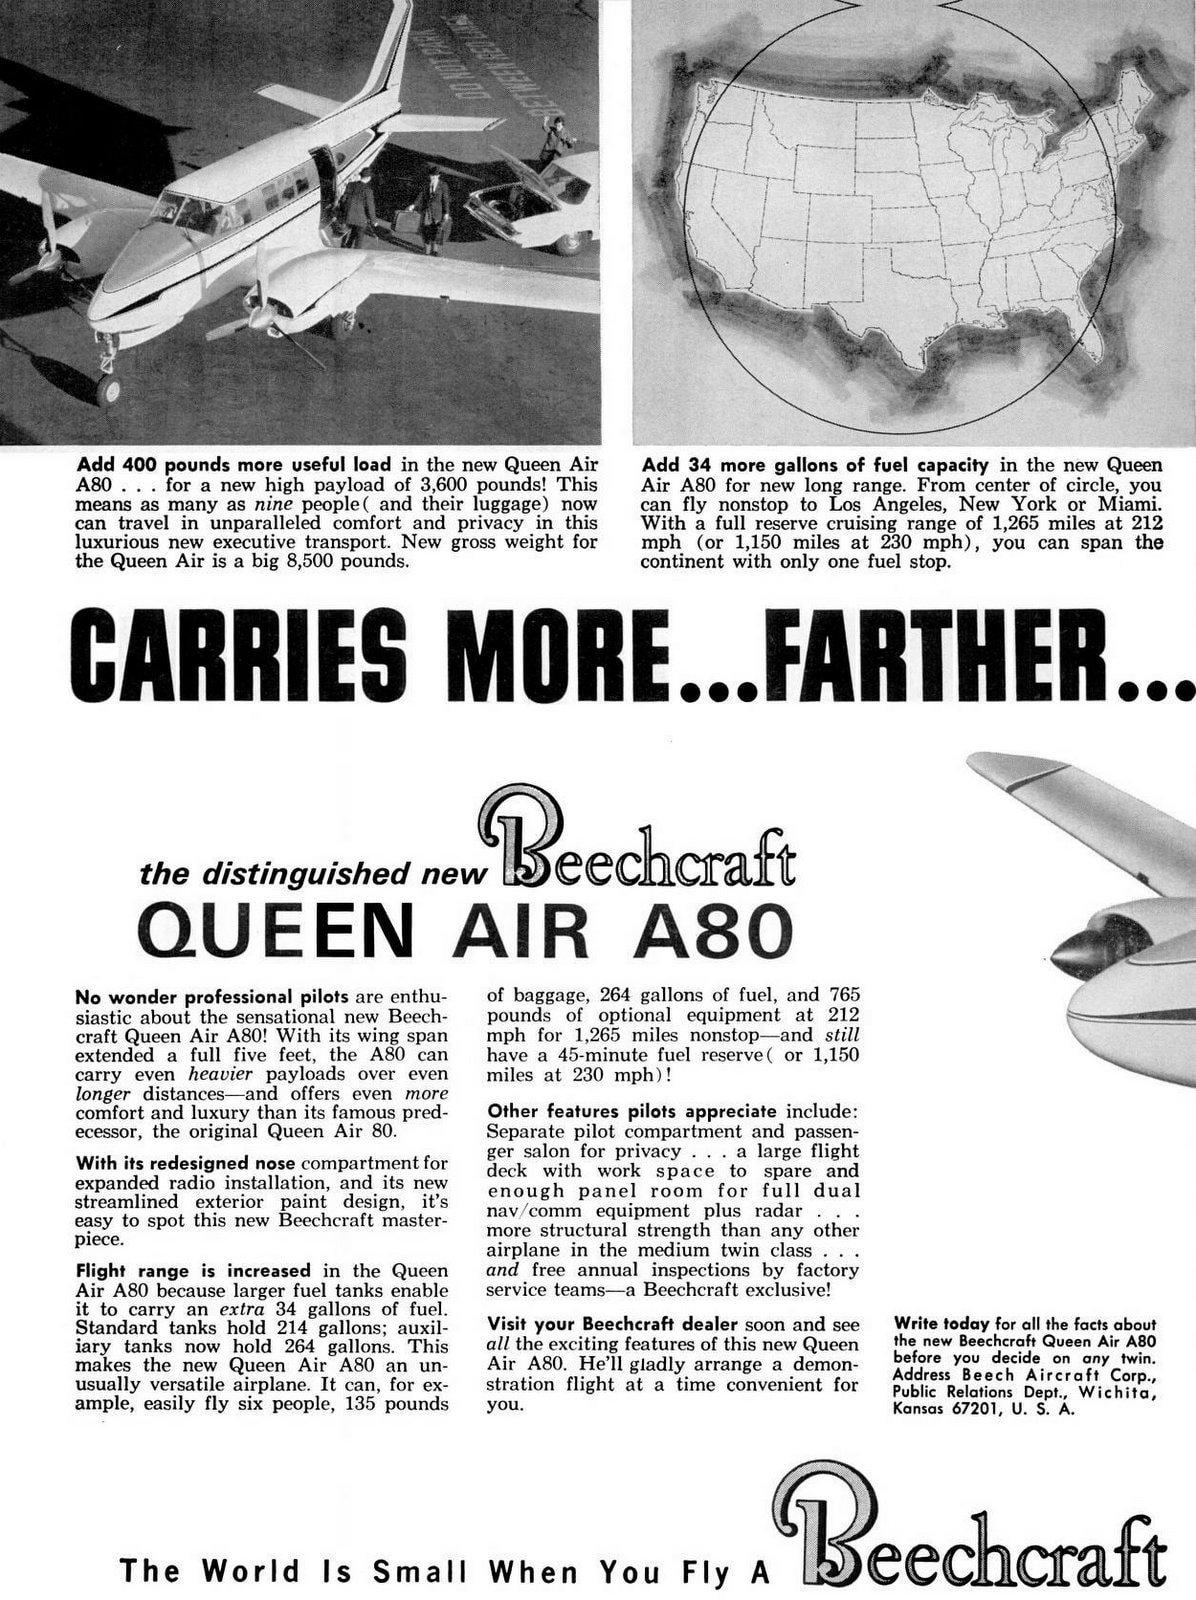 Classic 1960s Beechcraft Queen Air A80 propeller plane from 1963